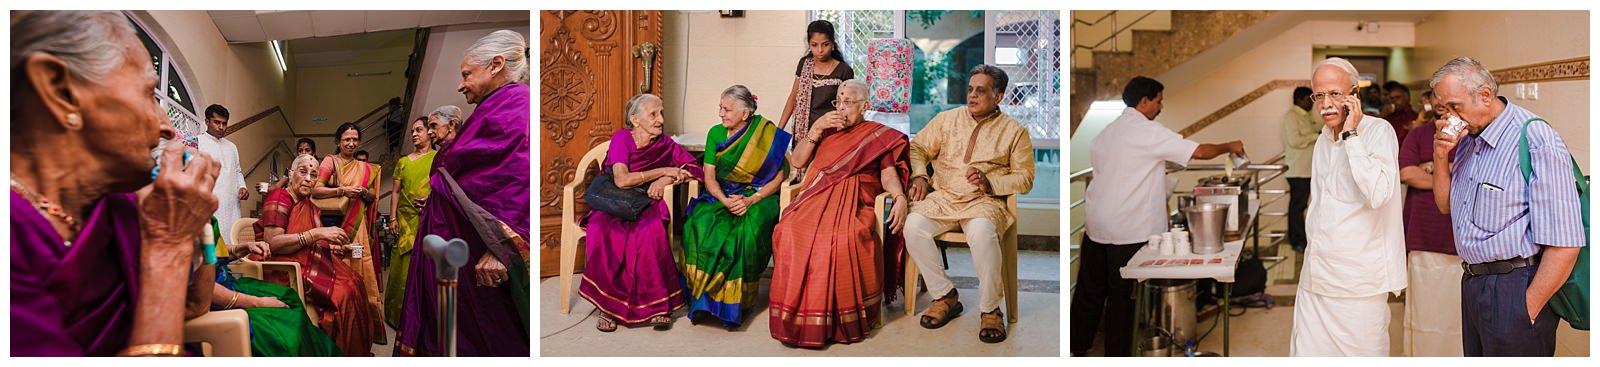 22012018-Siddharth-Shradha-Wedding-Candid-VR15-036-24.jpg